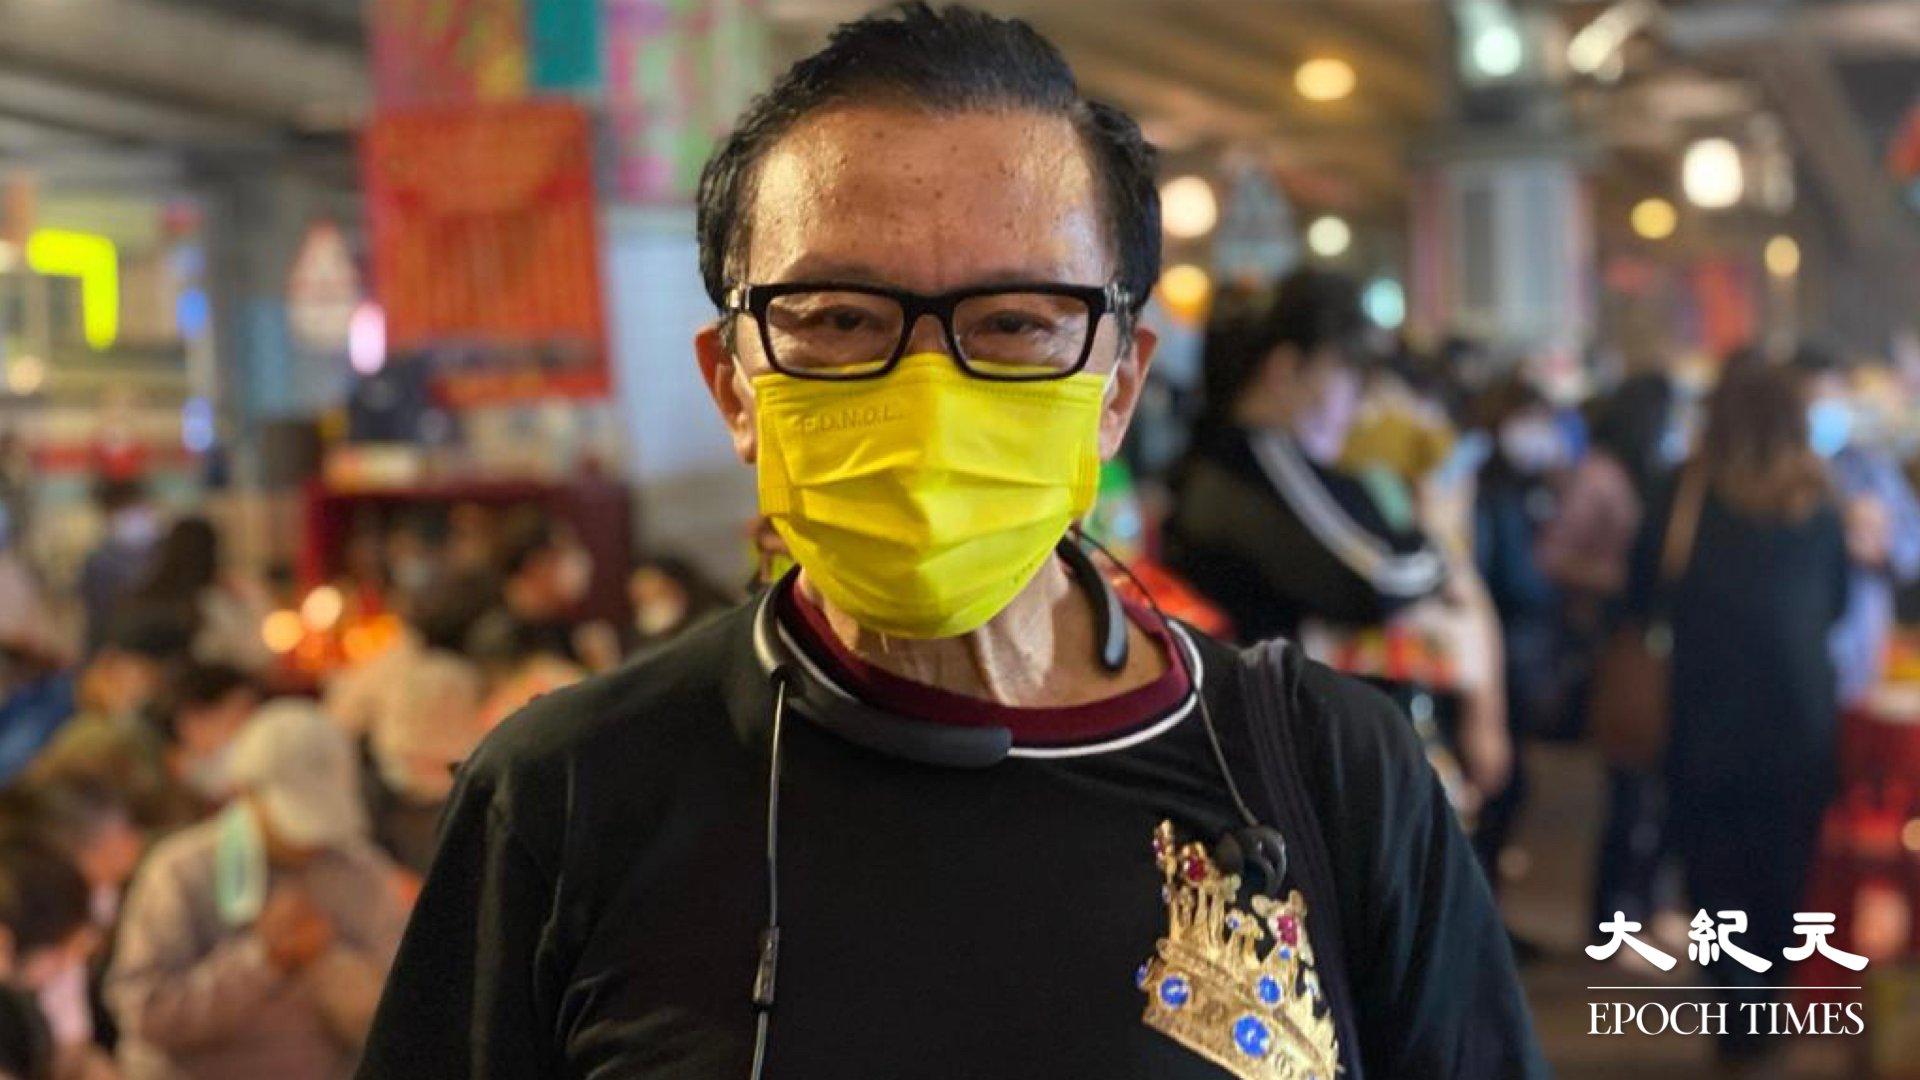 現場市民劉公子稱他專程來打小人,因昨天47人的聆訊結果令他「一肚氣」。(梁珍/大紀元)